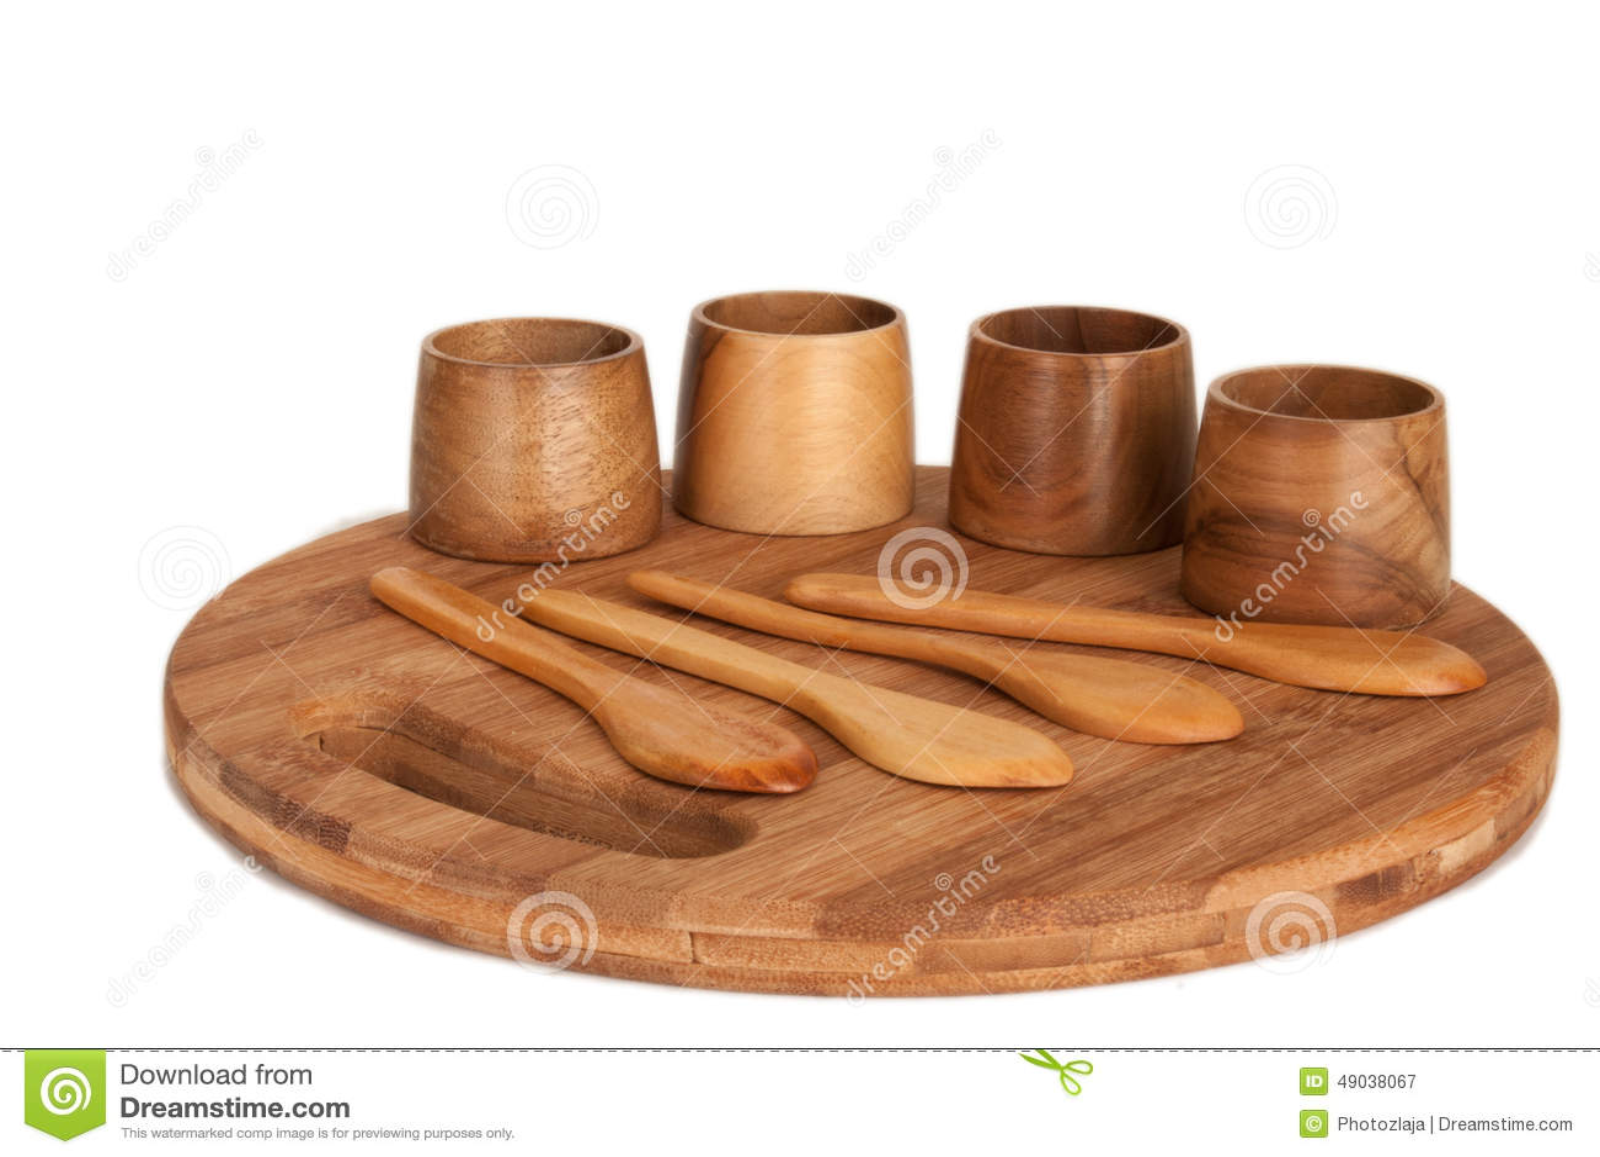 Utensilios antiguos de madera de la cocina foto de archivo for Articulos de cocina